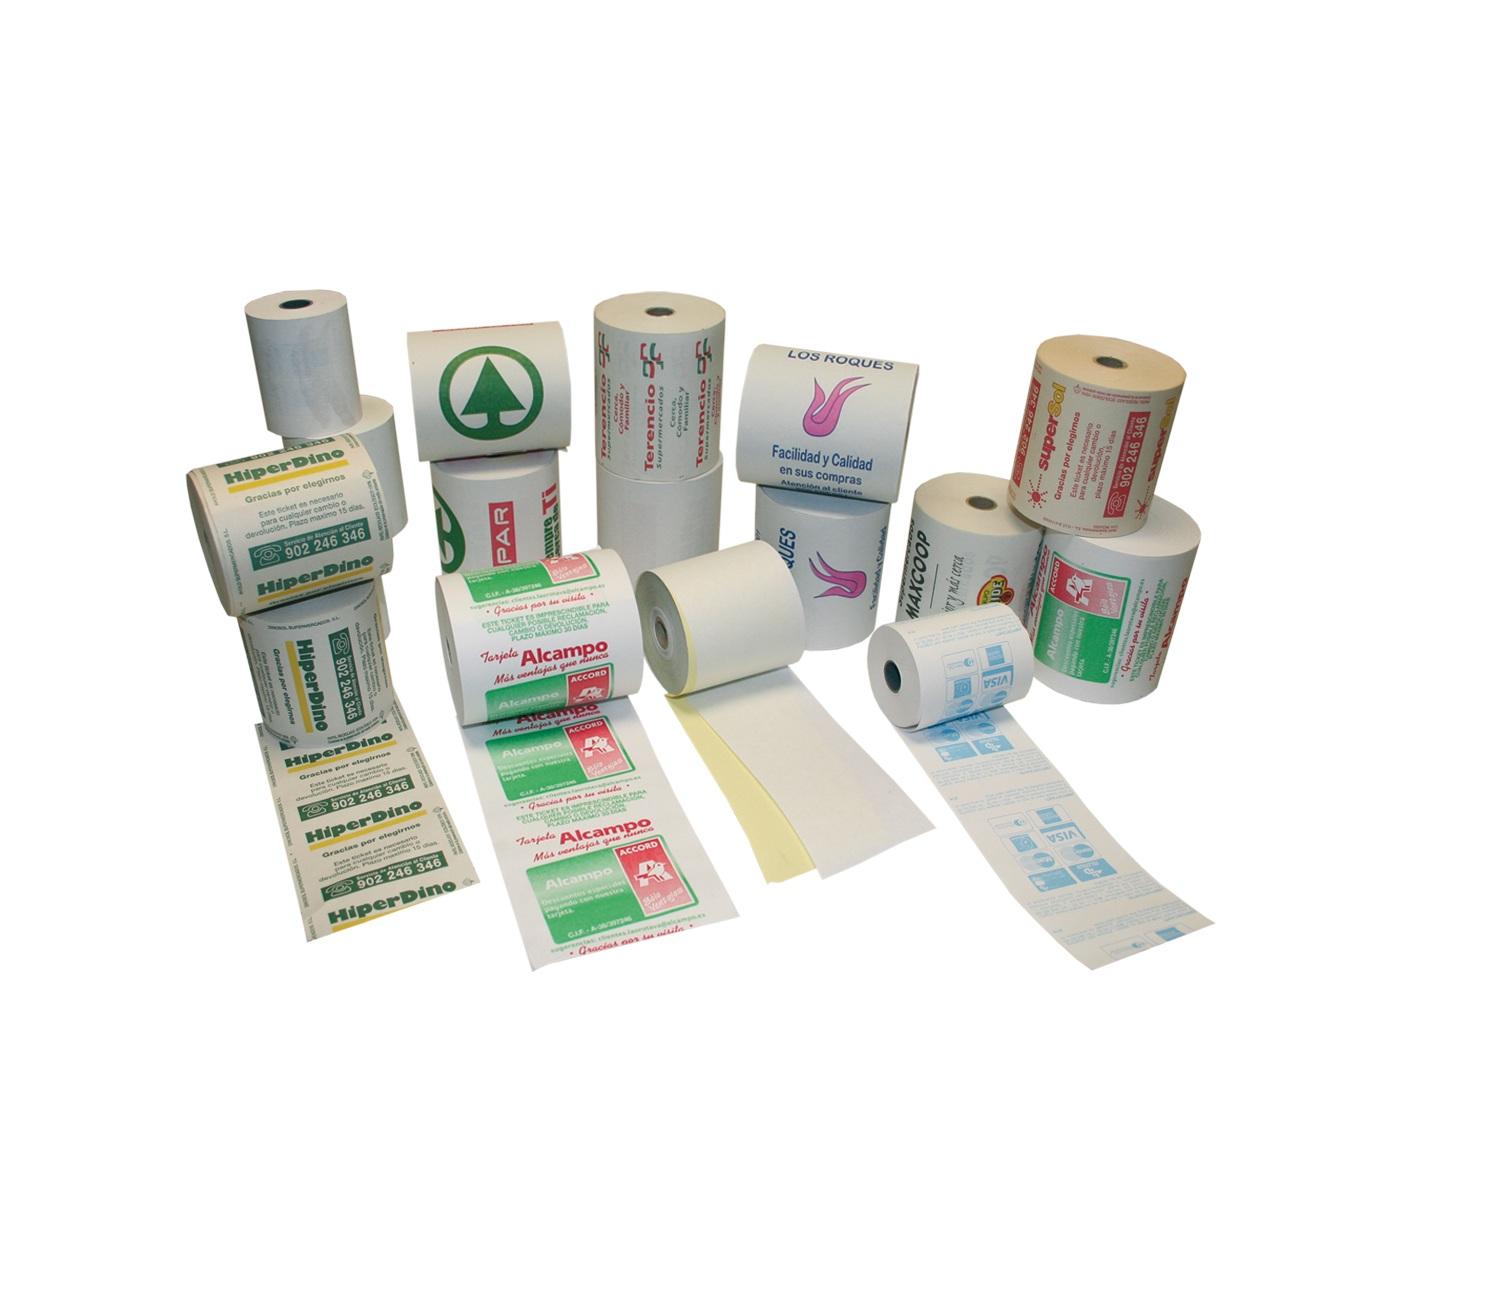 Papel impresoras: Productos de Acco